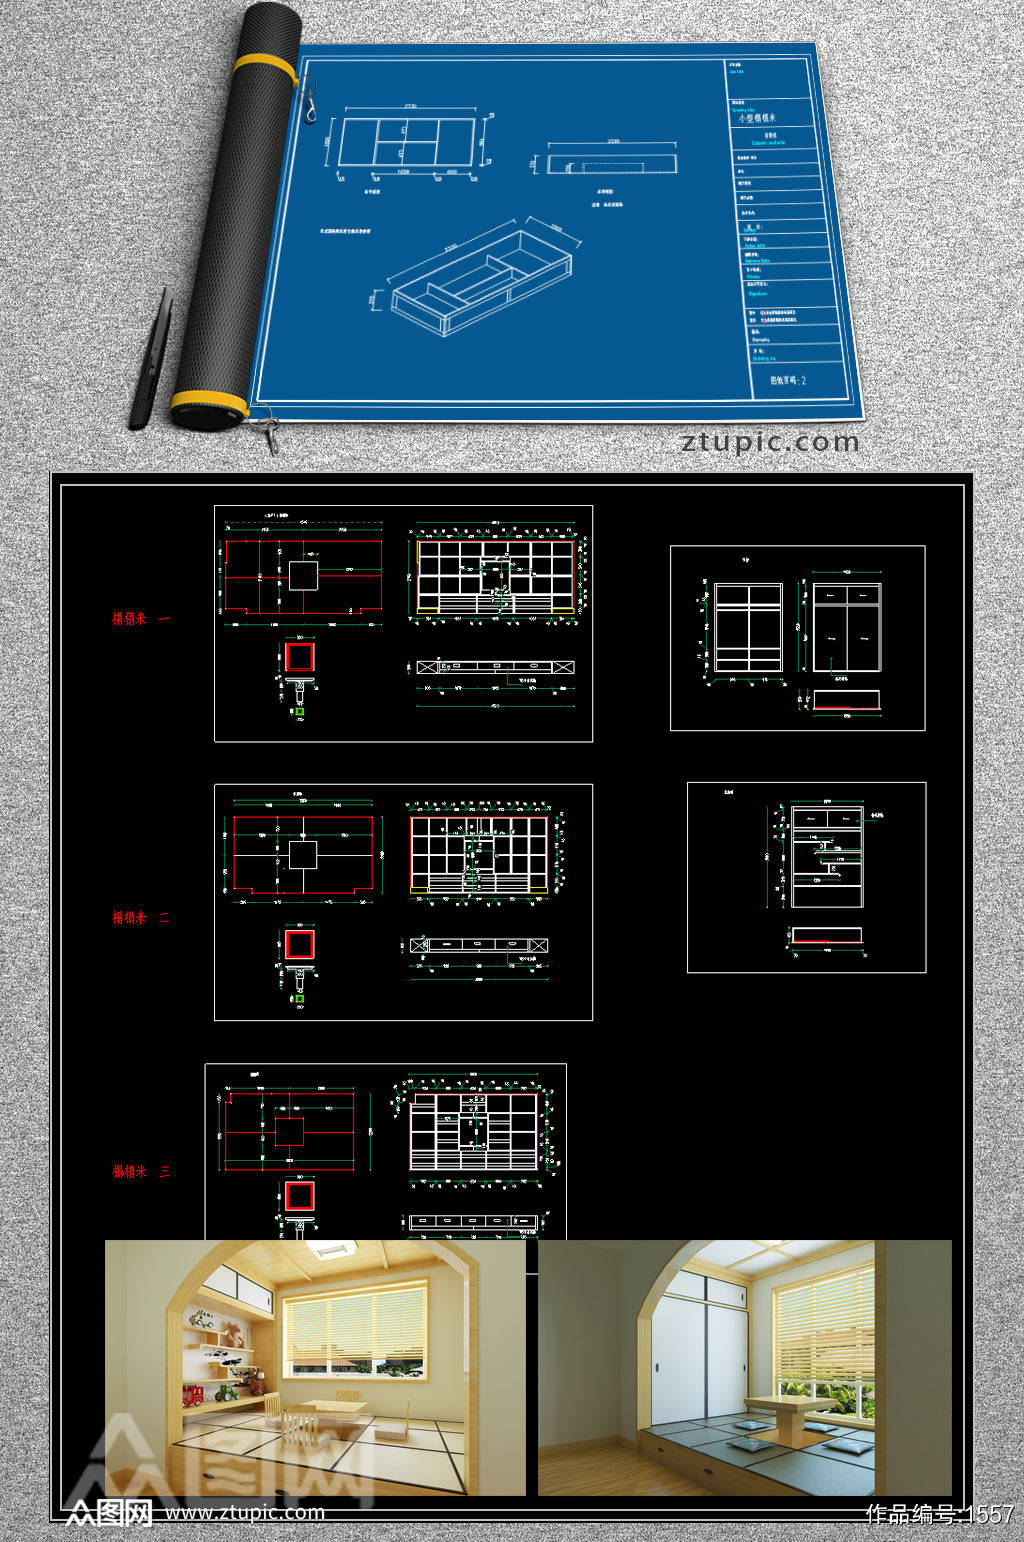 榻榻米CAD设计图纸平立面配装饰柜素材